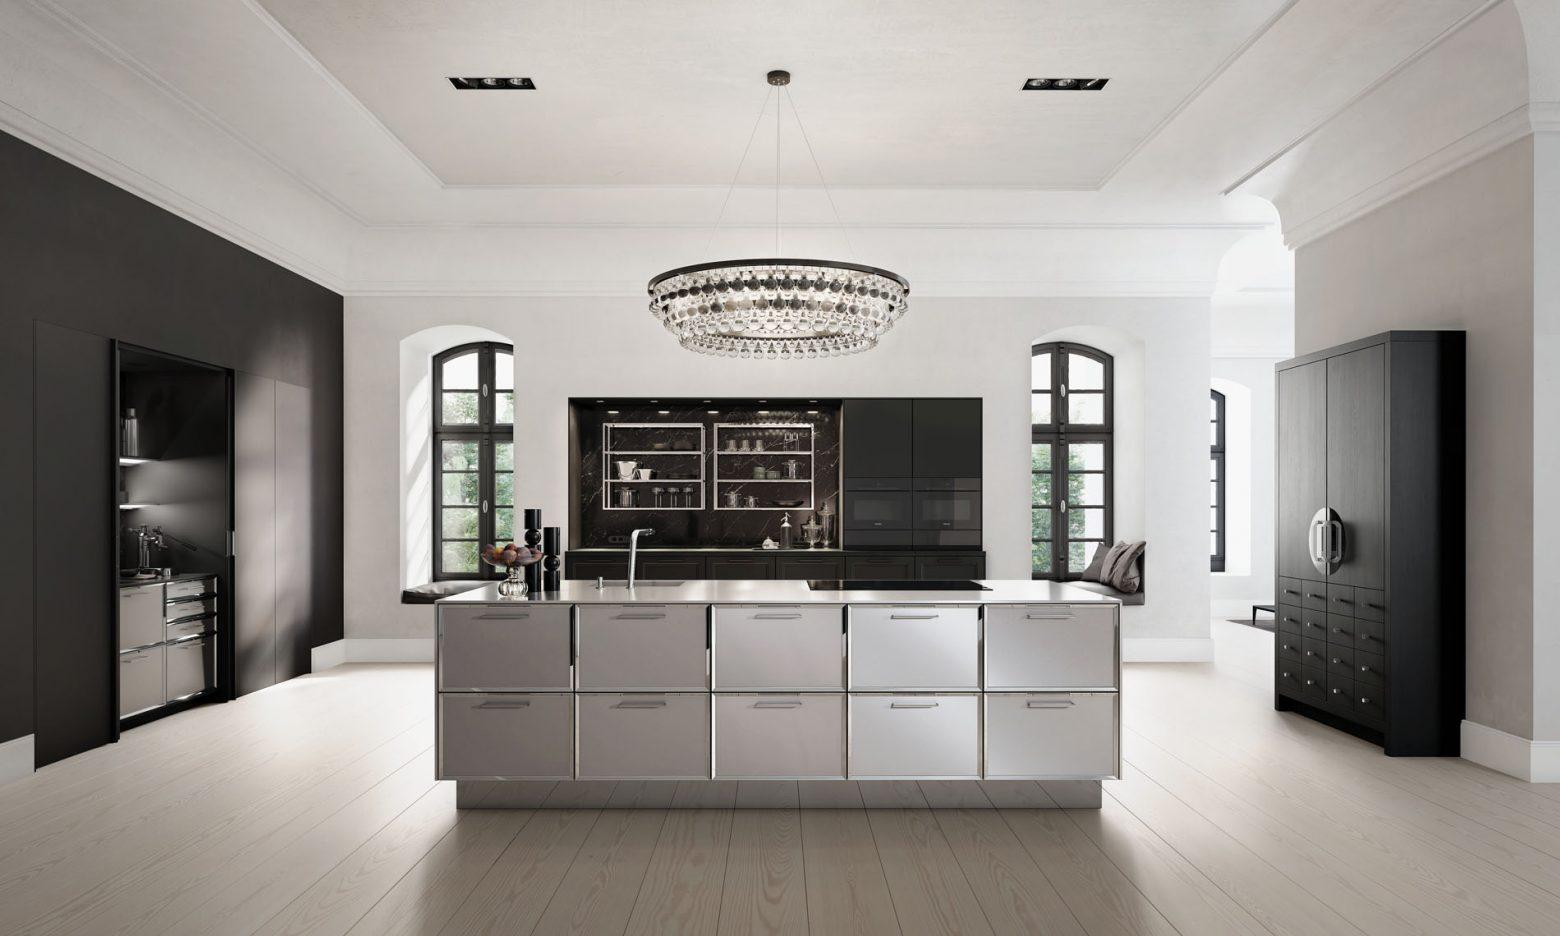 SieMatic keukens in zwarte contrasten